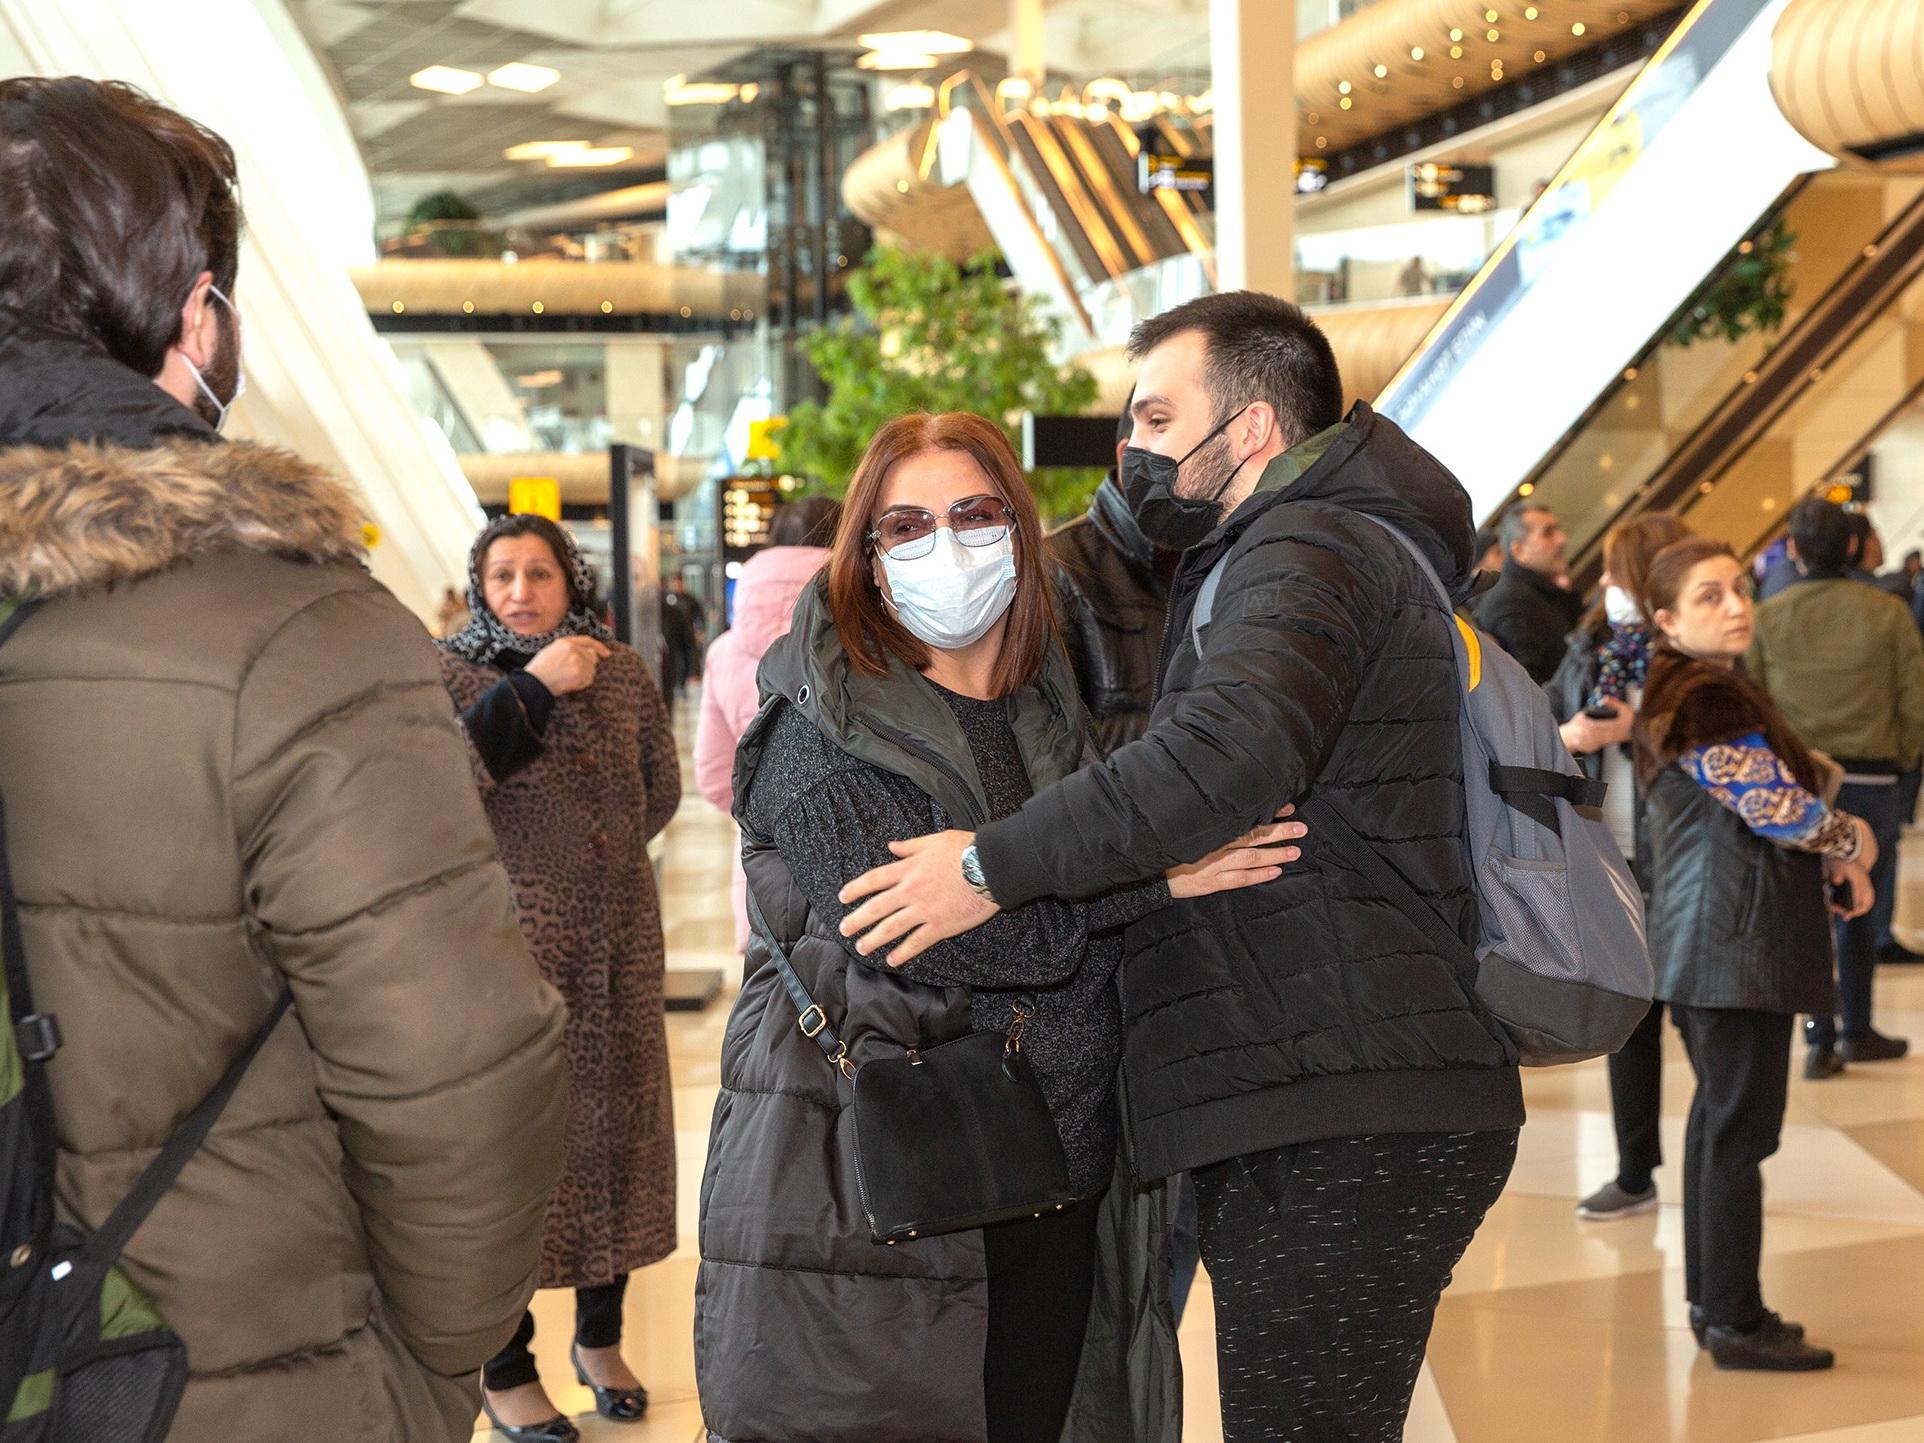 Эвакуация. Как Азербайджан и другие страны справляются с возвращением своих граждан на родину